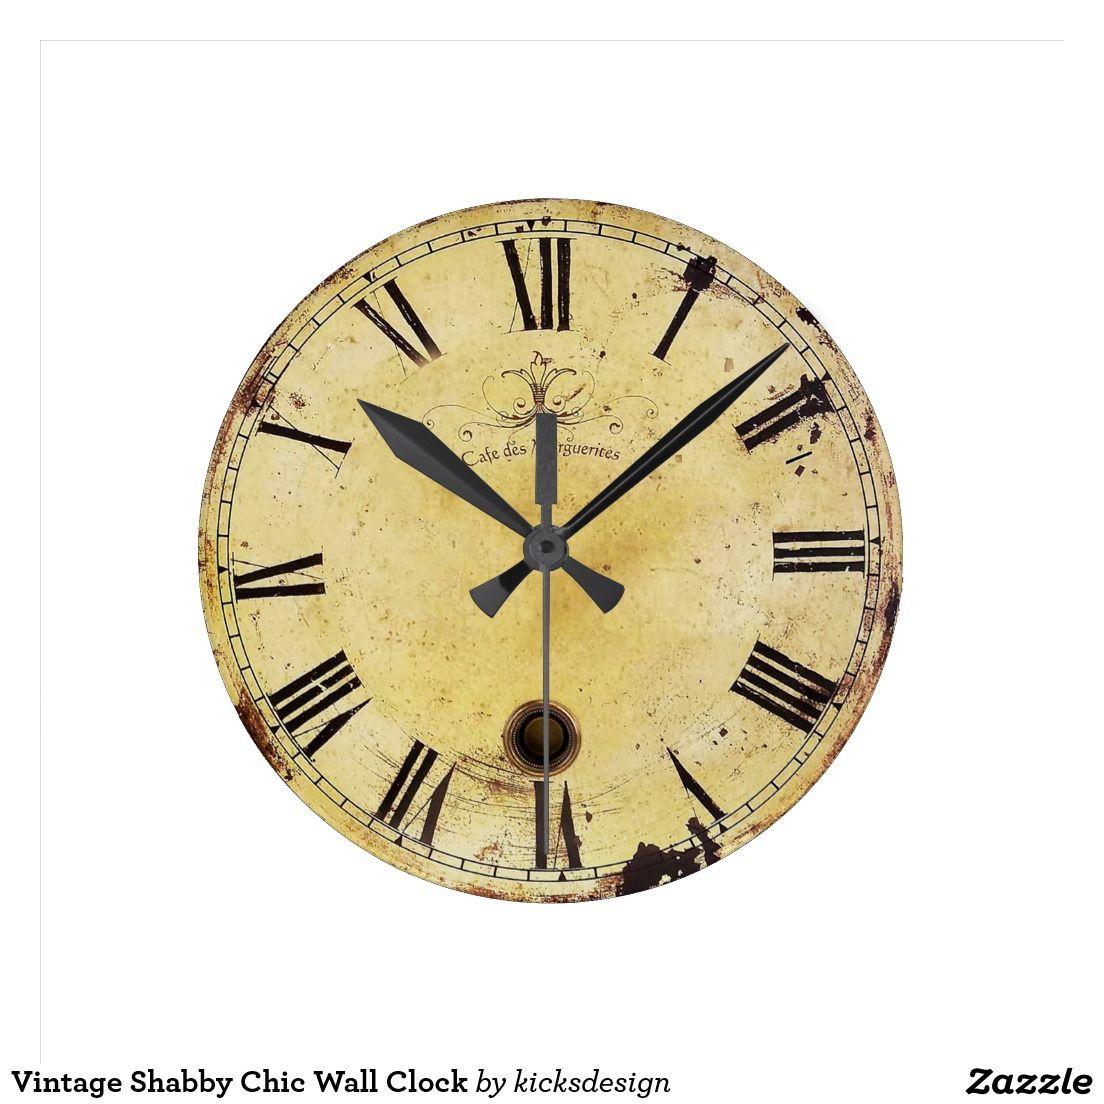 Vintage Shabby Chic Wall Clock | Wall clocks, Clock and Shabby